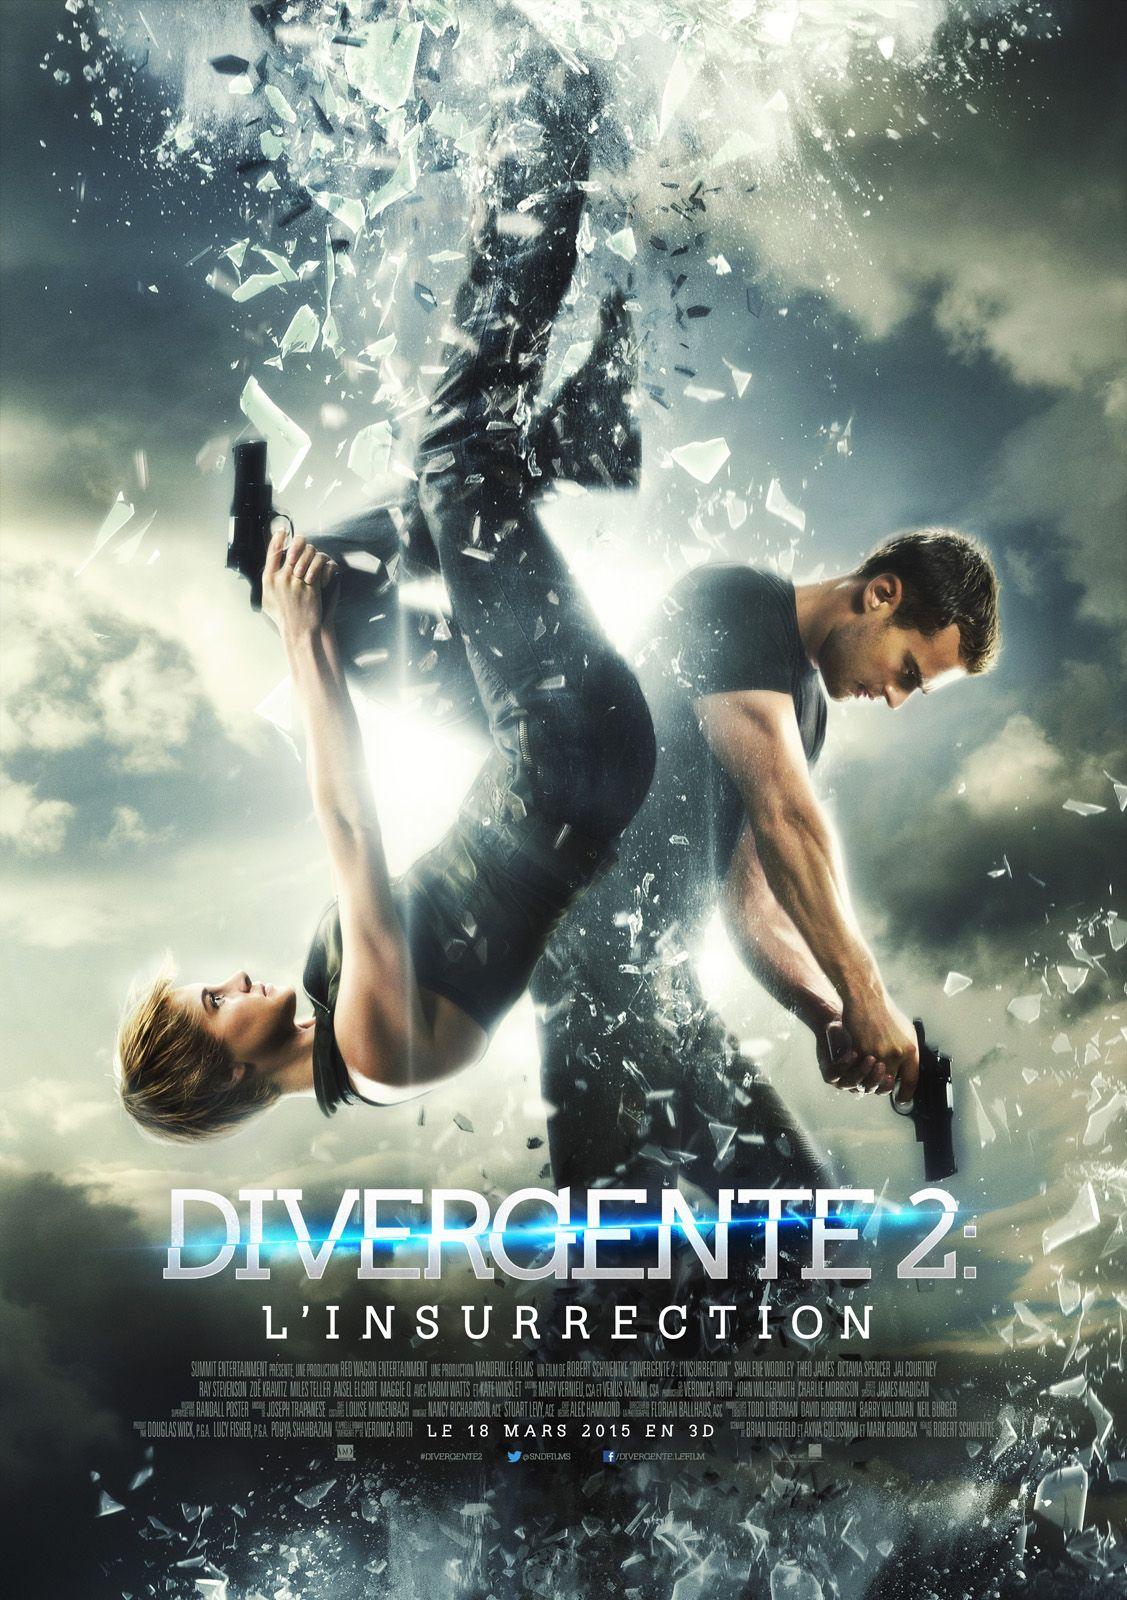 Deux Nouvelles Bande Annonces Pour Le Film Divergente 2 Excellentes Le 18 Mars 2015 Divergente Film Divergente 2 Divergente